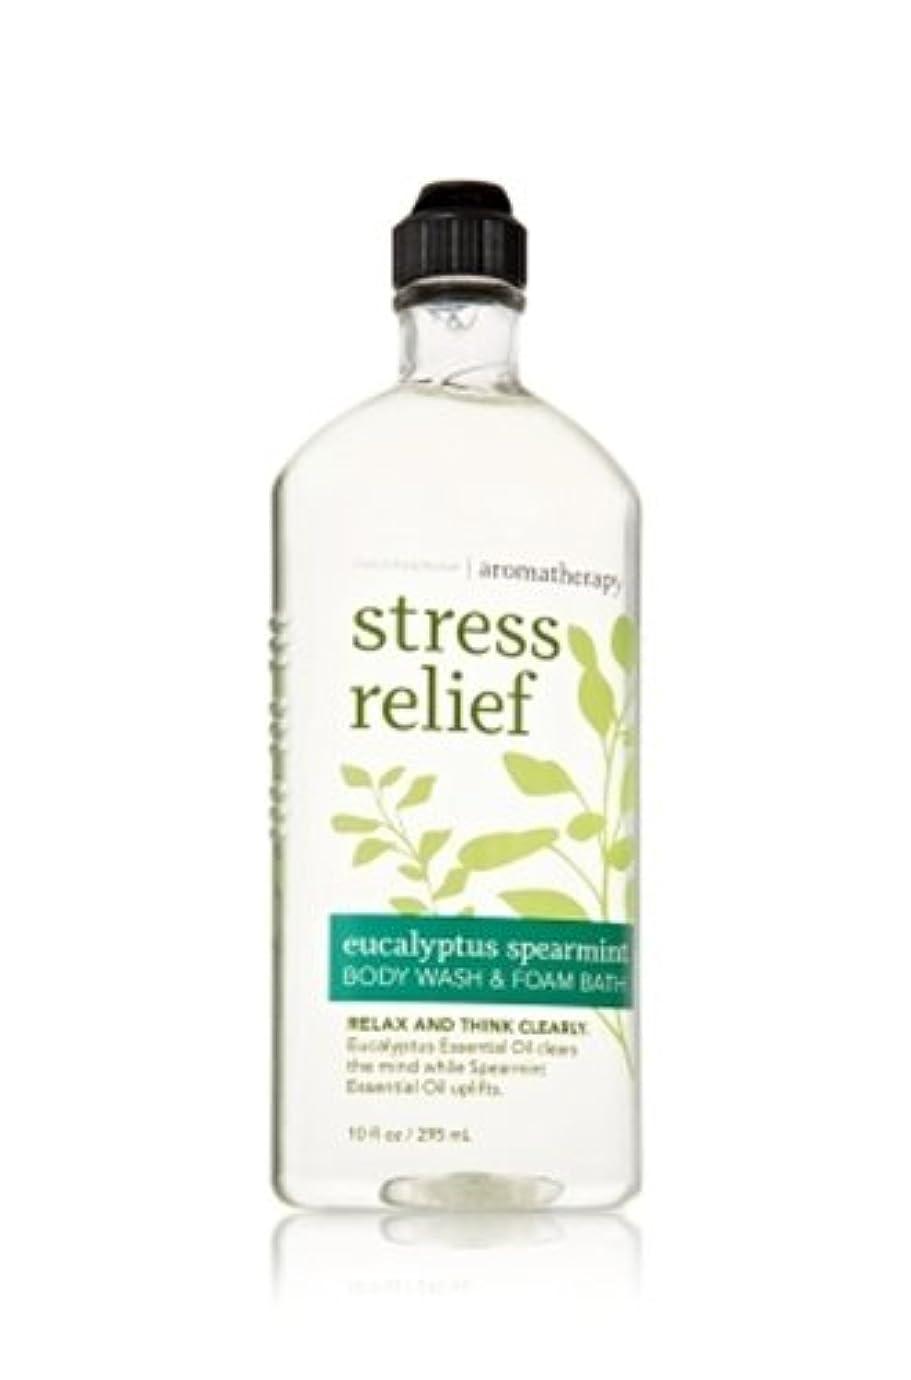 罰カビ命令的【Bath&Body Works/バス&ボディワークス】 ボディウォッシュ&フォームバス アロマセラピー ストレスリリーフ ユーカリスペアミント Body Wash & Foam Bath Aromatherapy Stress...